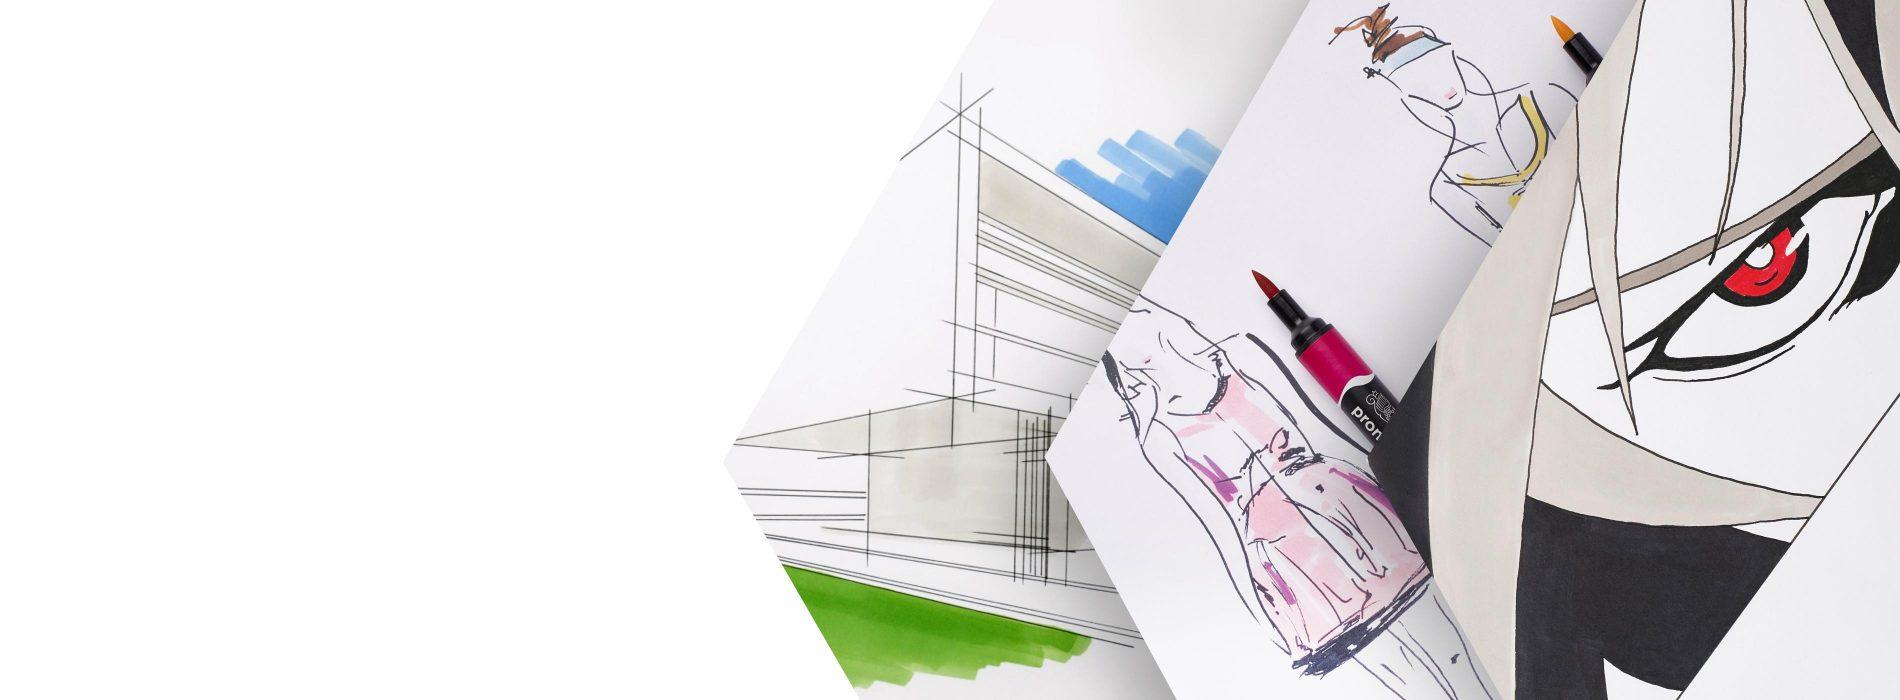 Graphic Art hero image